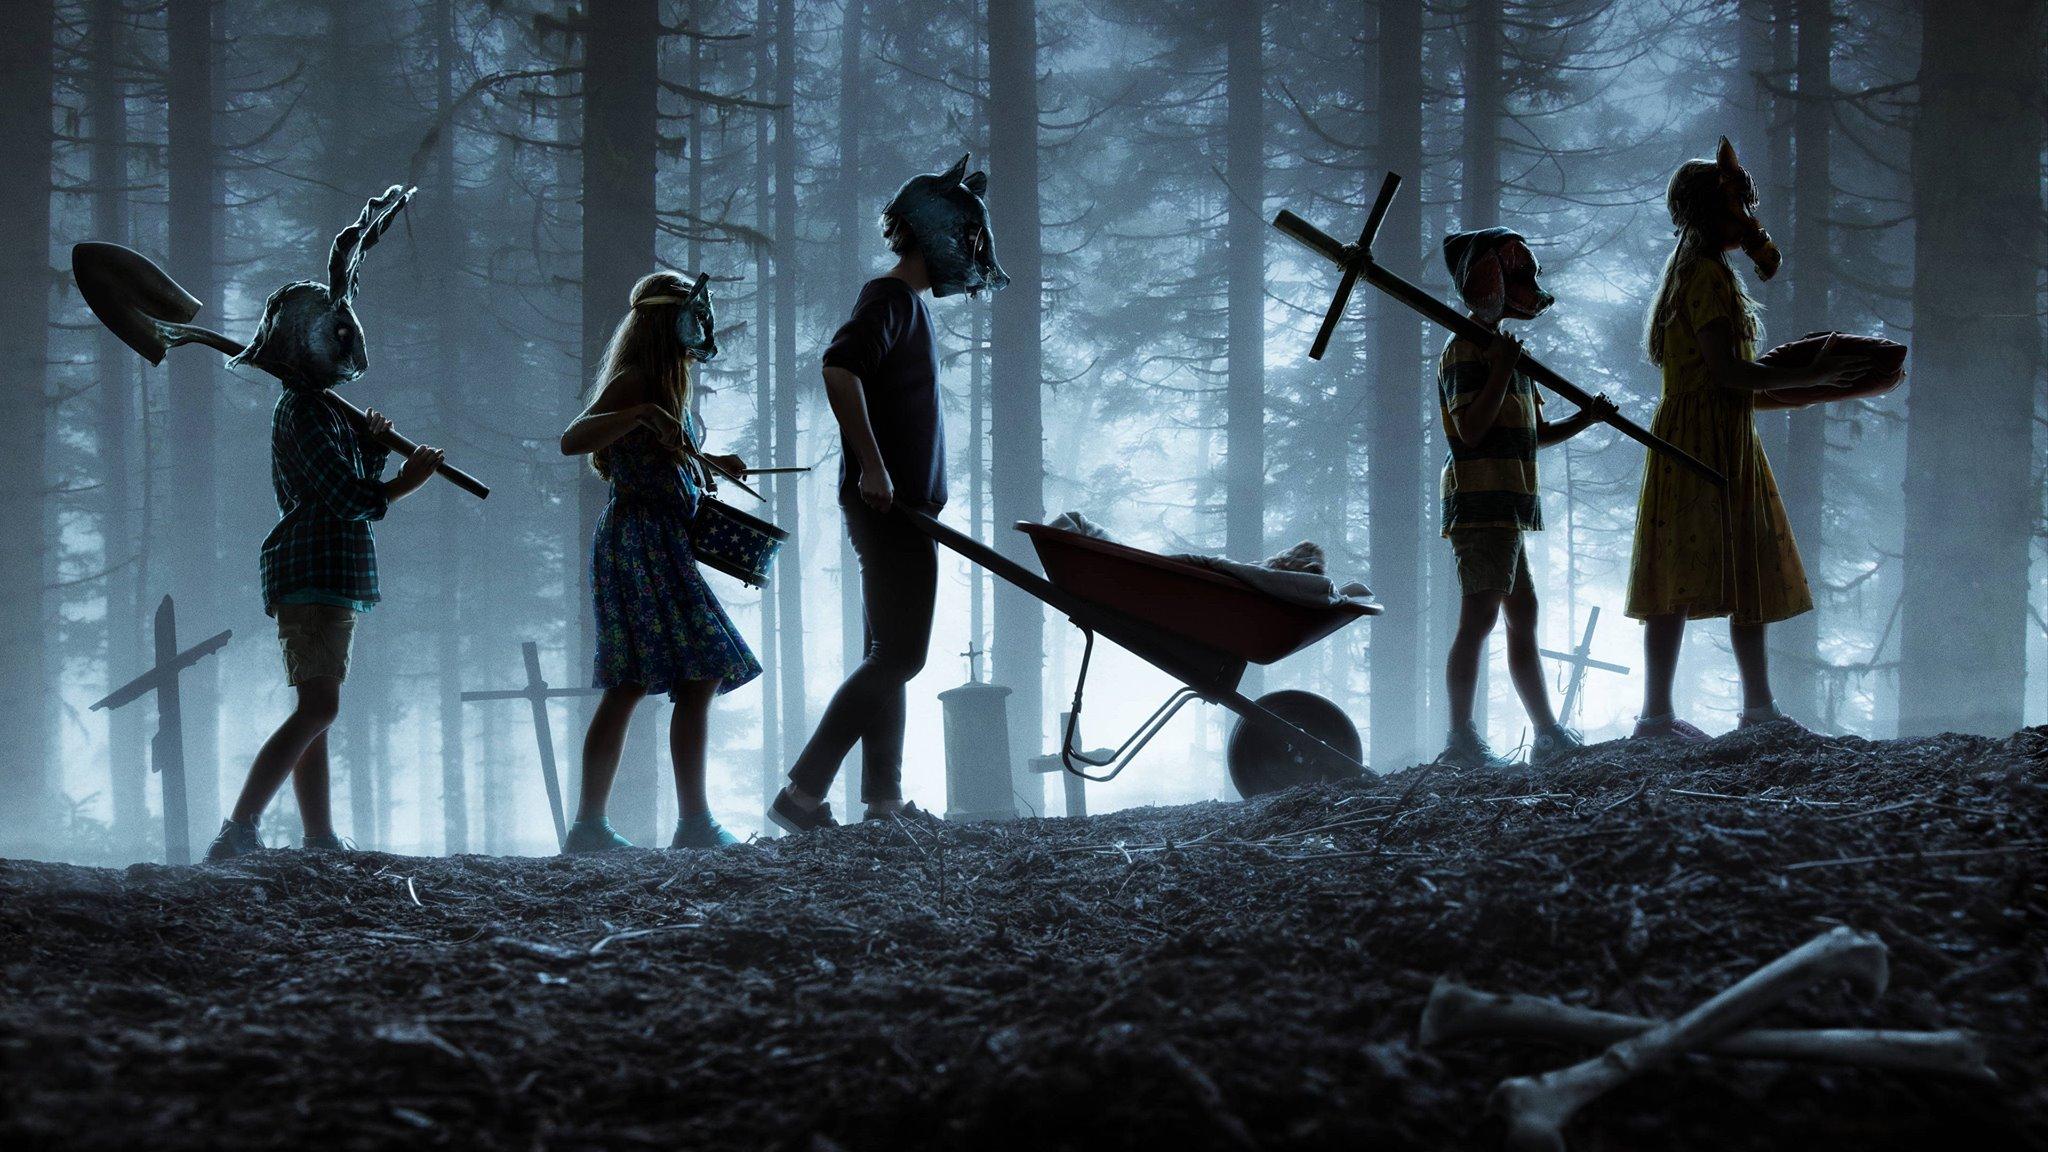 Kedvencek temetője: Minden, amit érdemes tudnod az új Stephen King-adaptációról